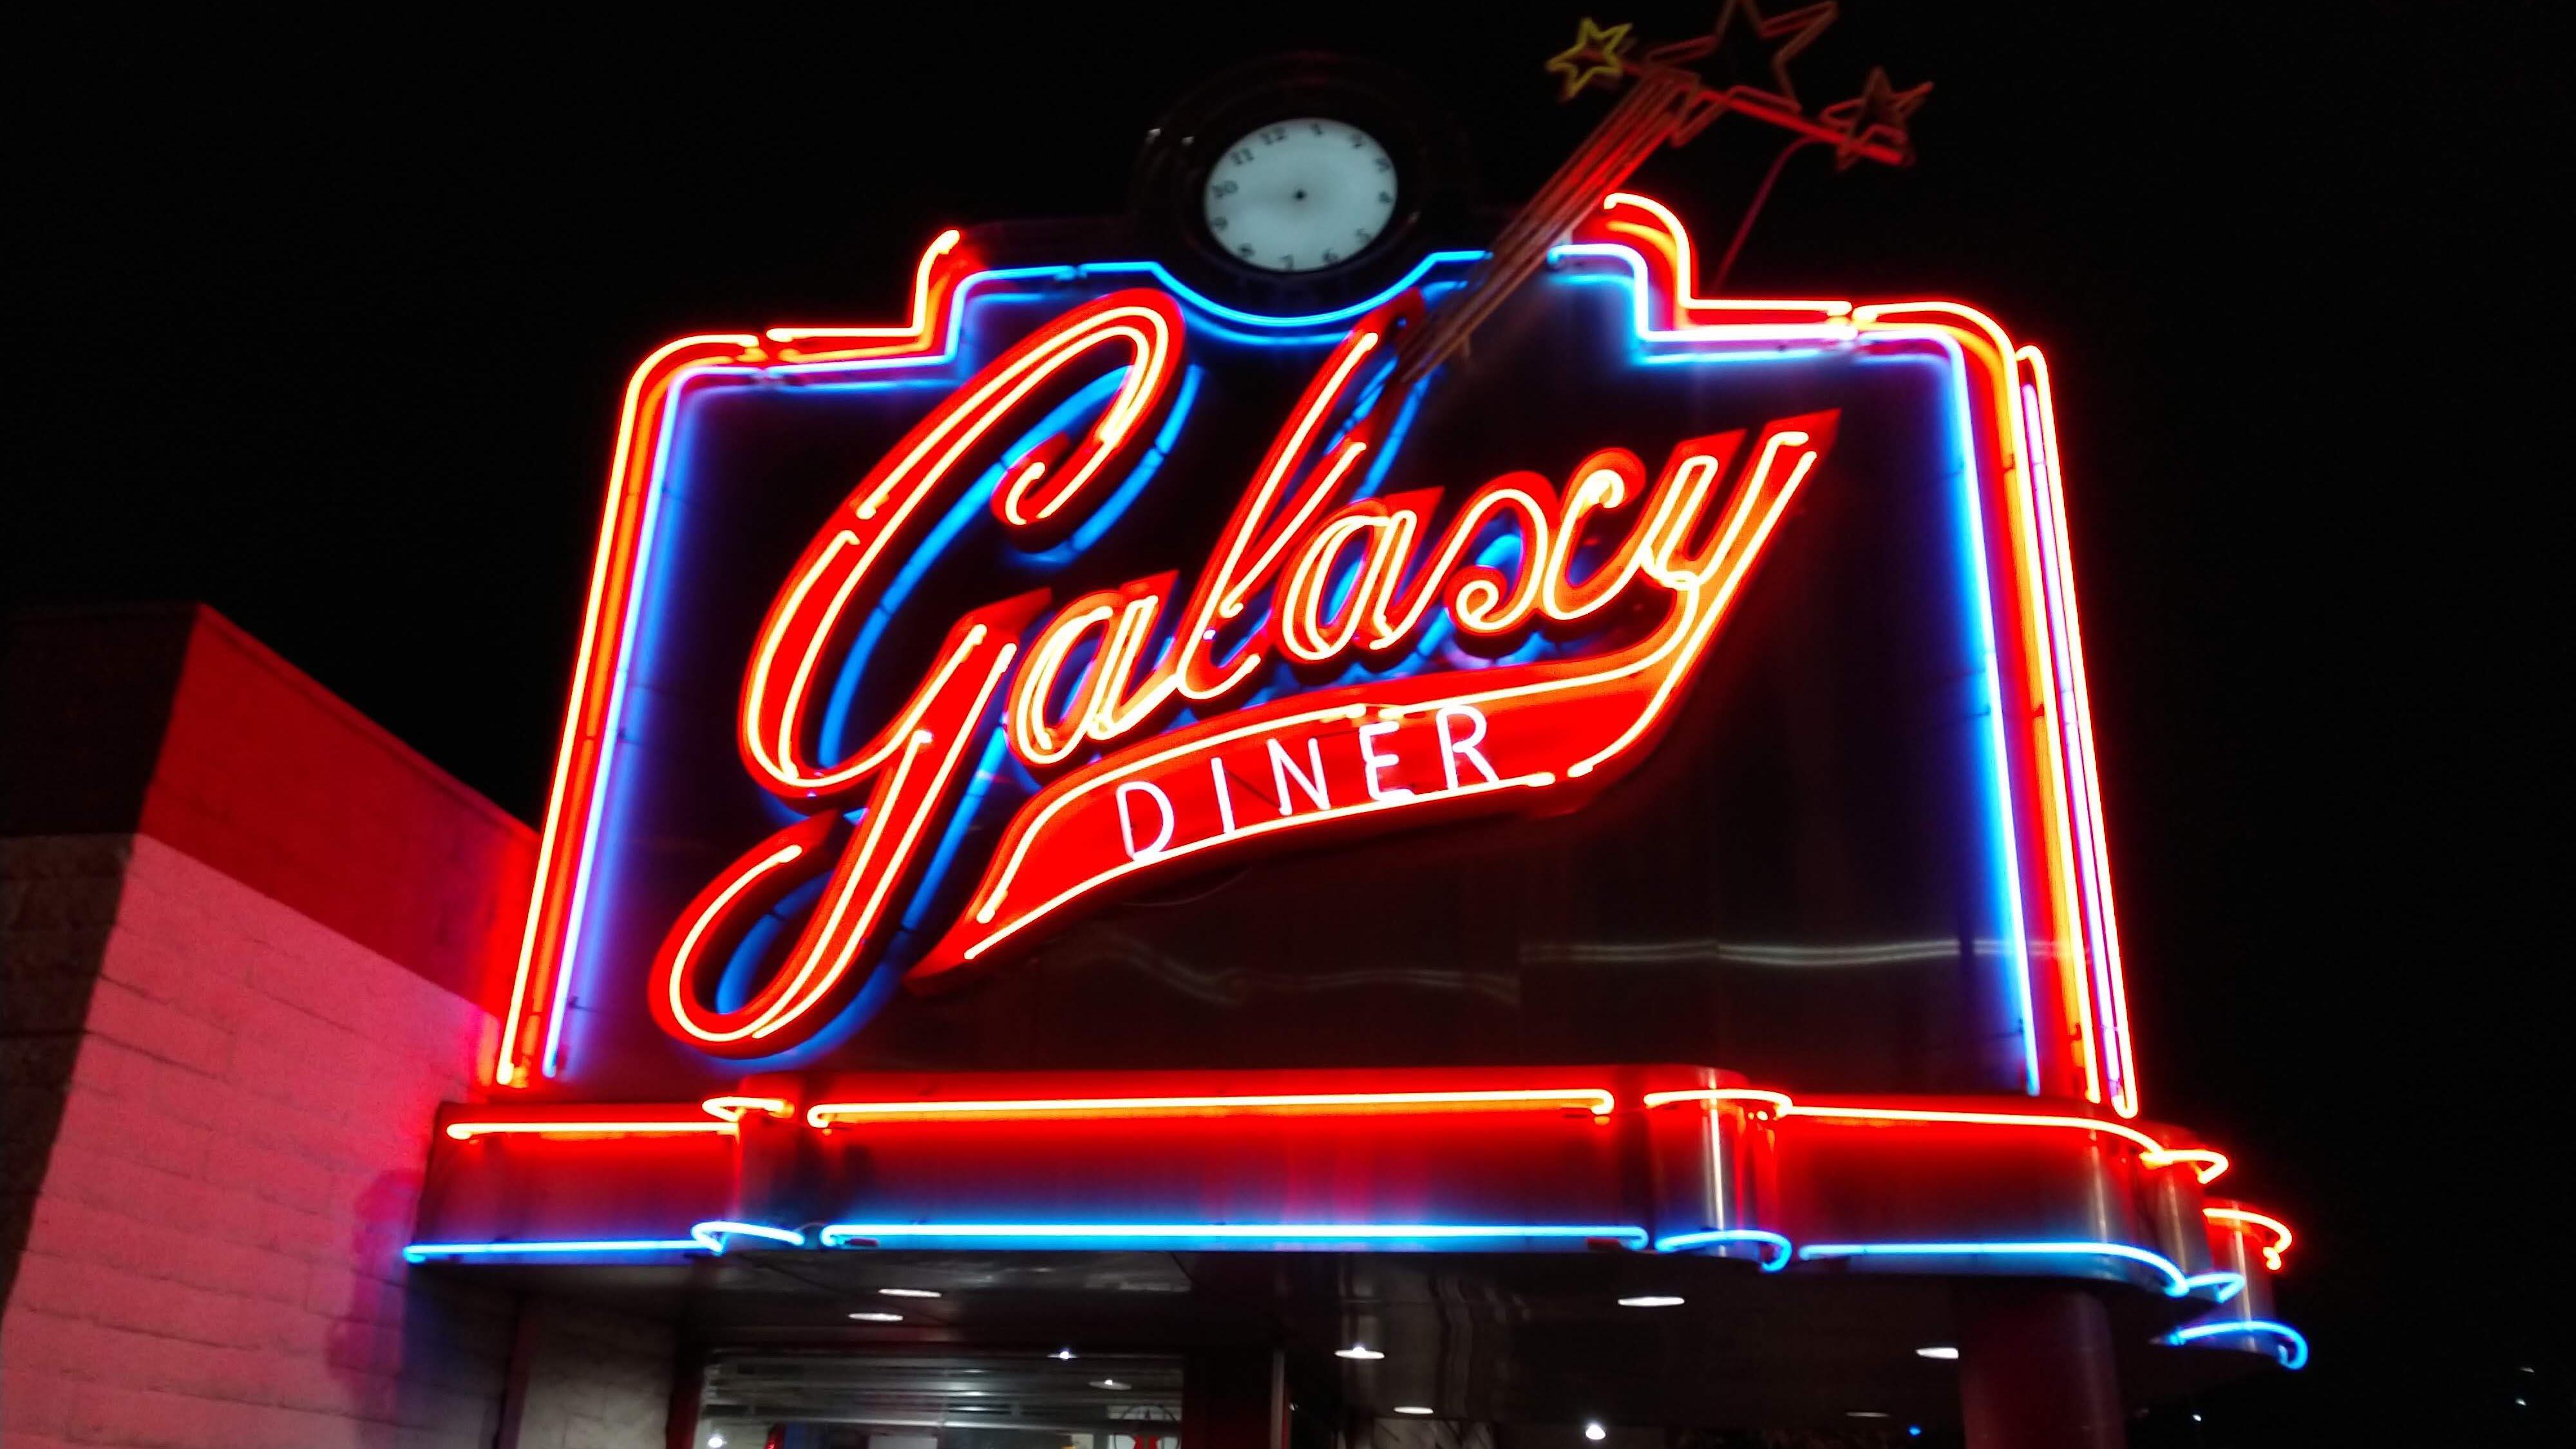 フラッグスタッフ レストラン ギャラクシーダイナー Flagstaff Galaxy Dinner